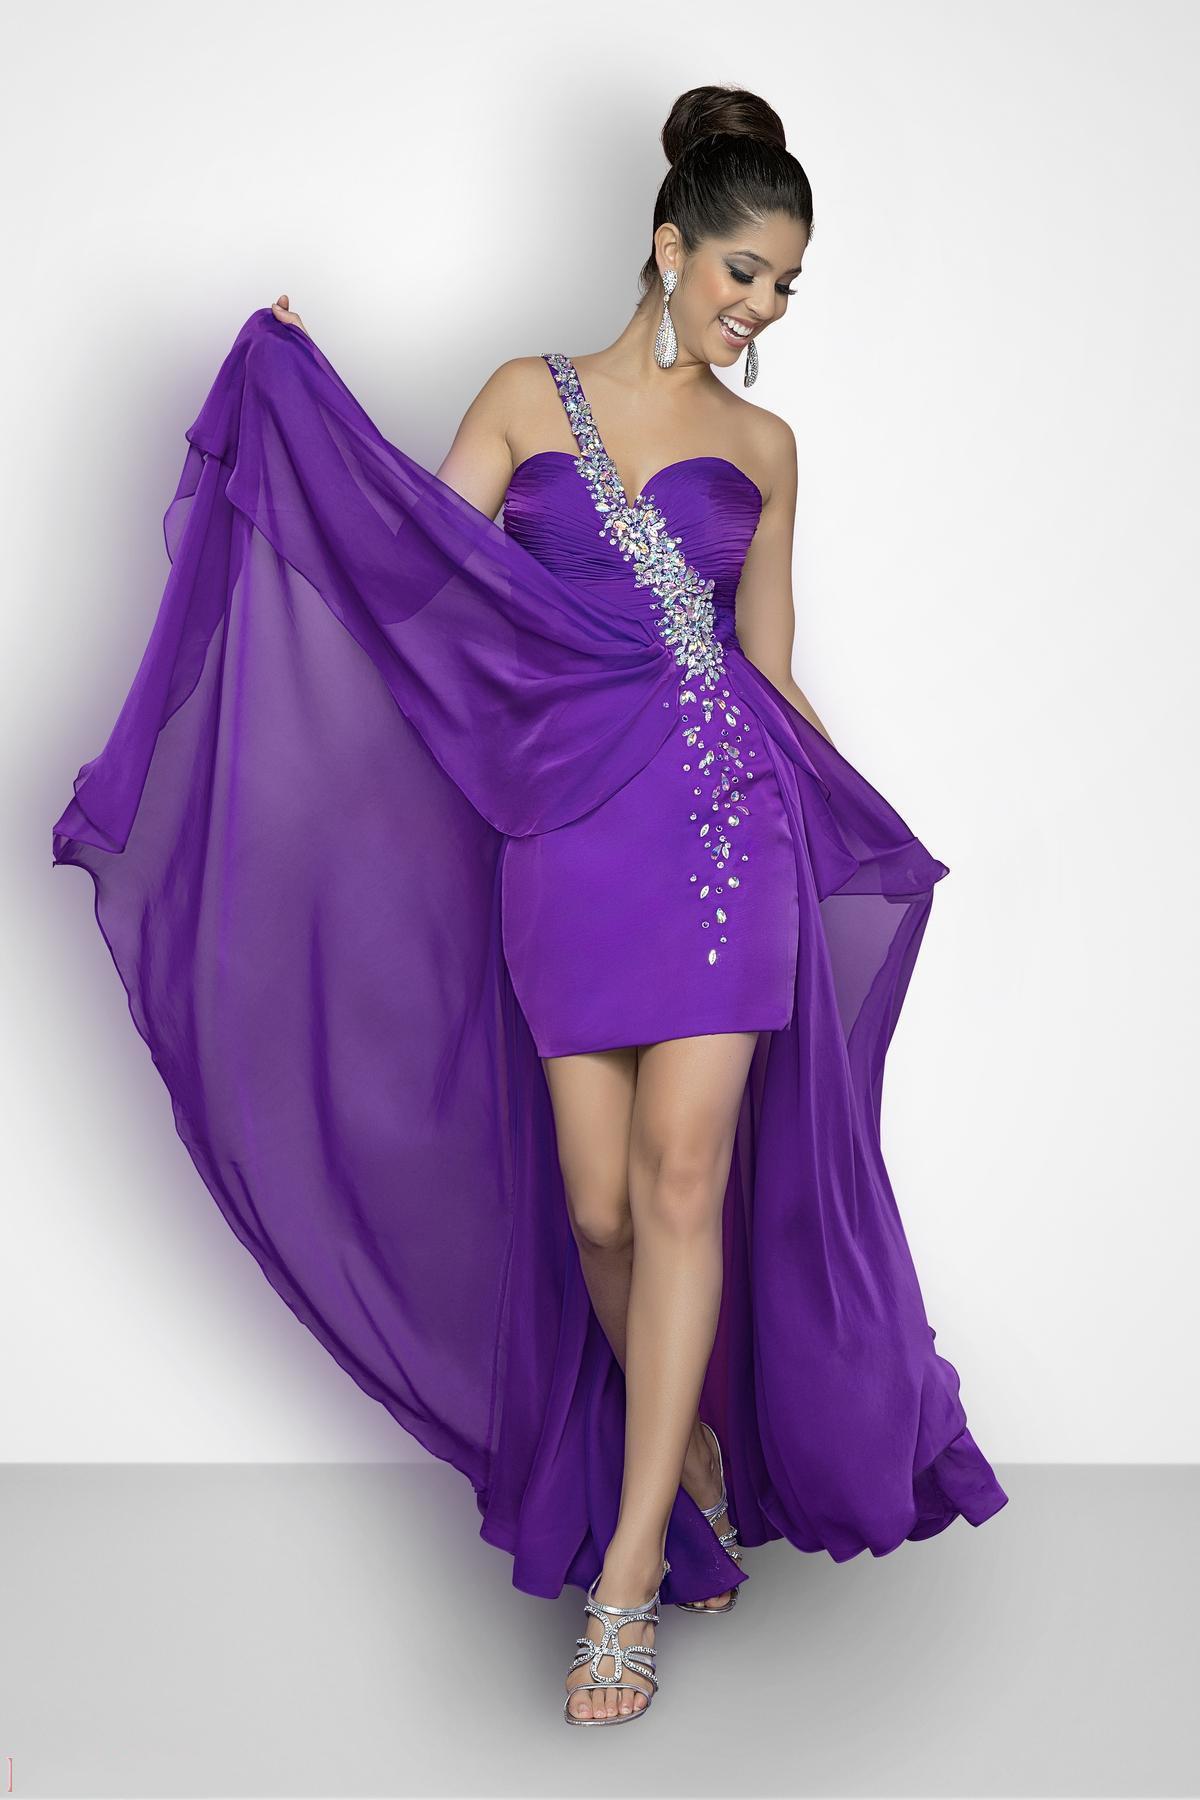 Venta al por mayor Más popular de hombro de alta-baja de vestidos de ...